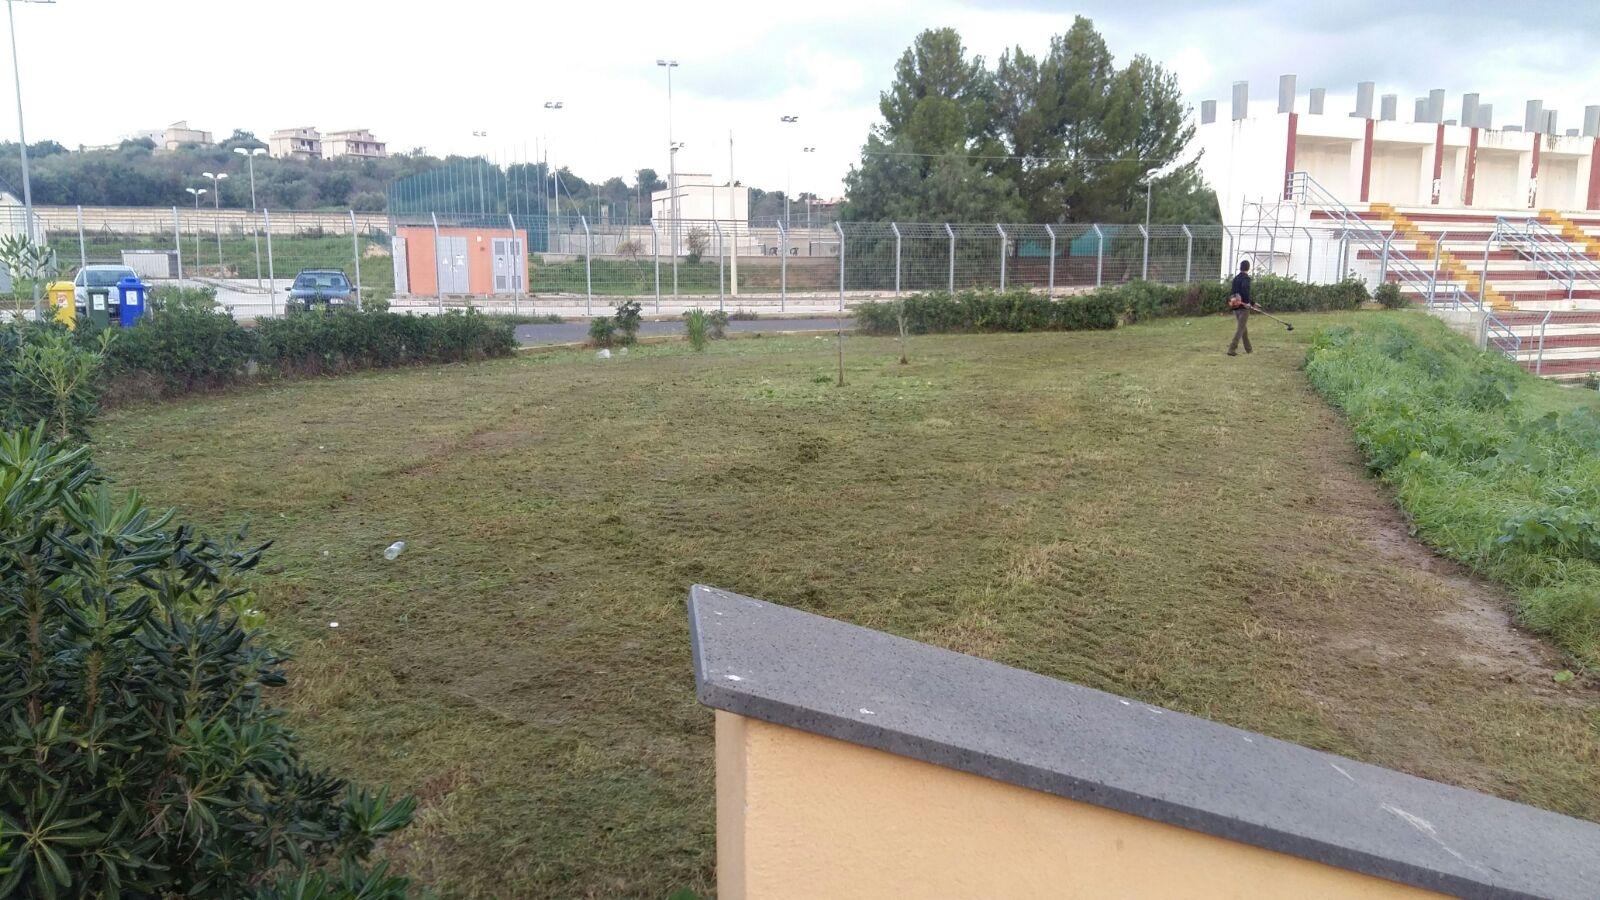 Noto interventi di manutenzione nel centro sportivo - Interventi di manutenzione ...